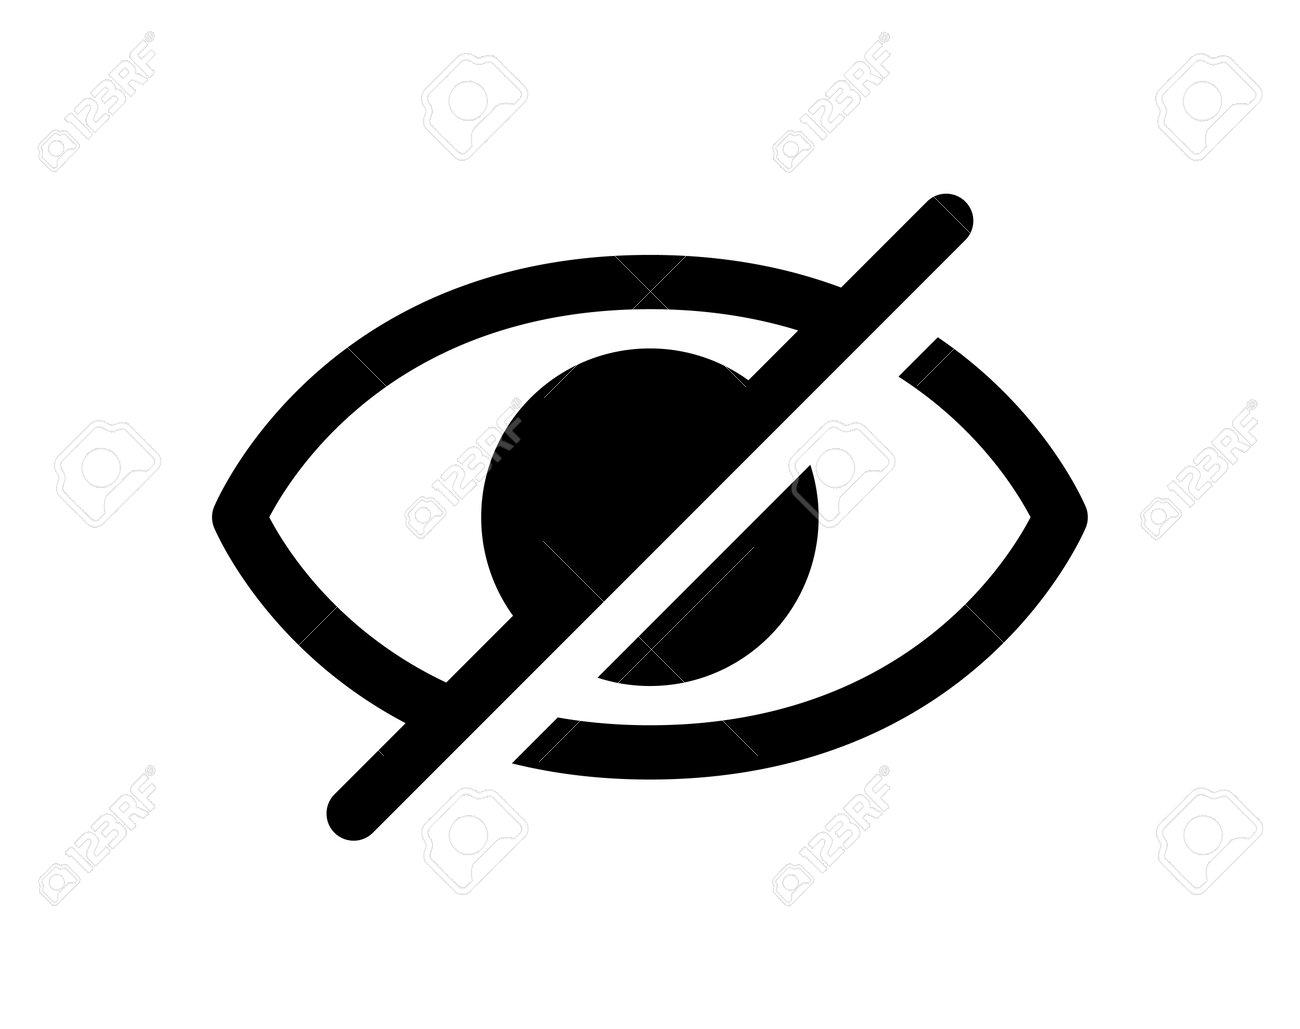 Hidden eye vector icon (Monochrome) - 170366972